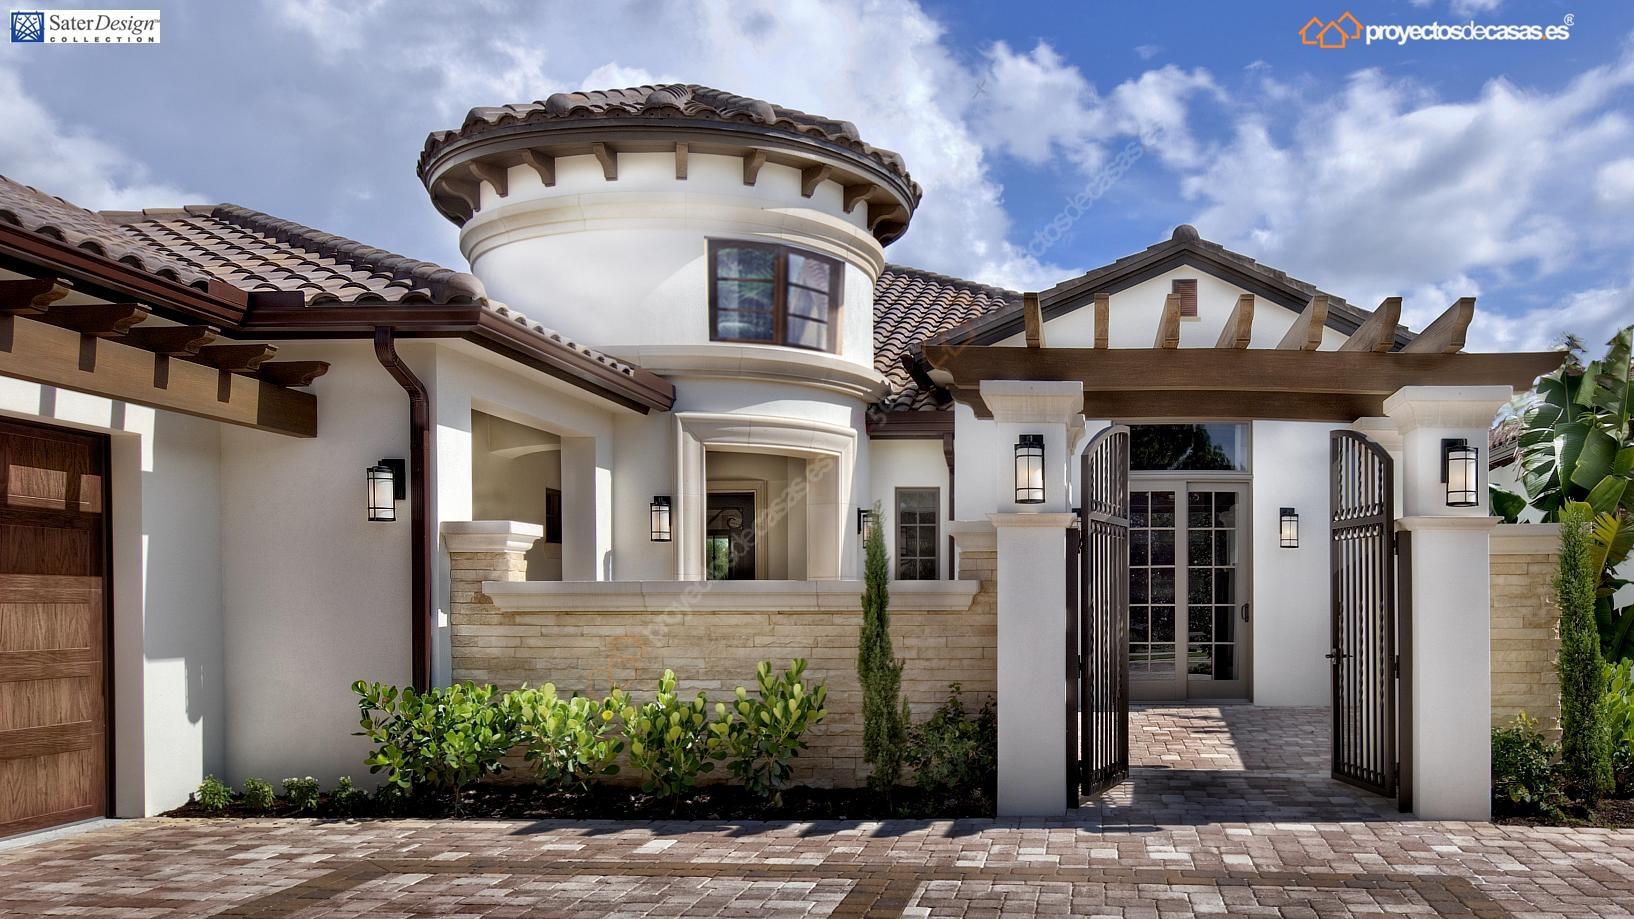 proyectos de casas marbella casa de lujo estilo toscana diseamos y construimos casas en toda espaa